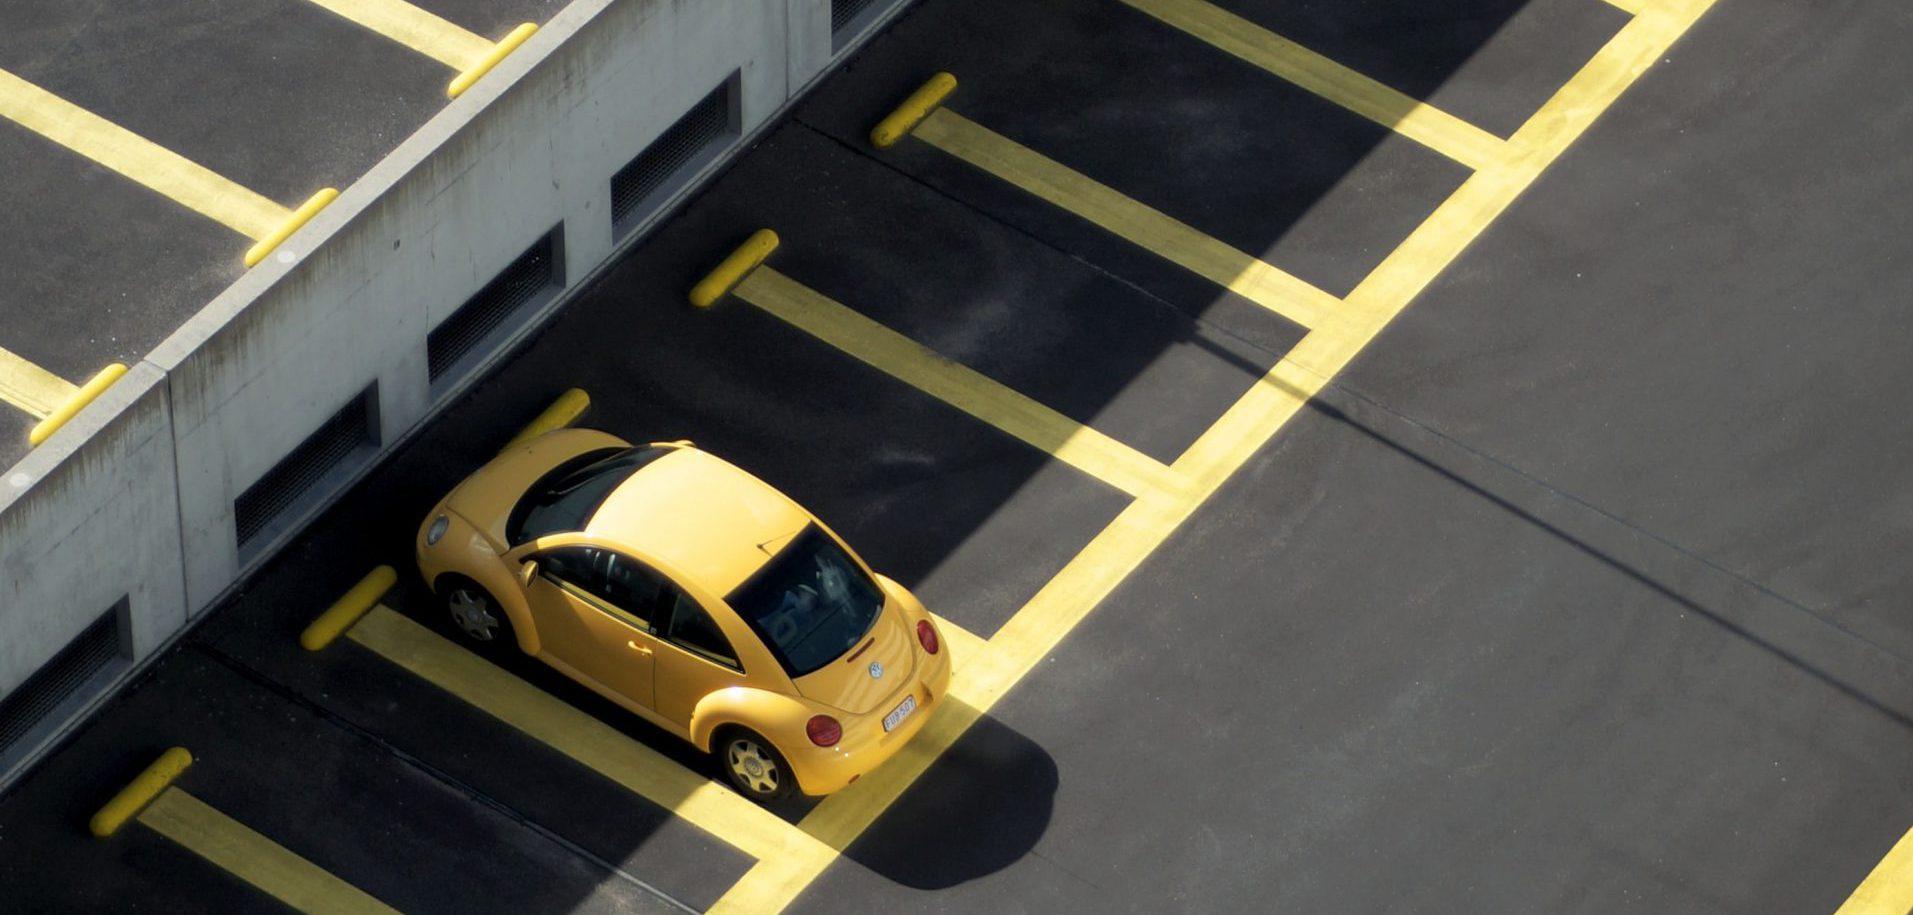 Hoe kunnen autobedrijven hun wagenpark beter online aanbieden?